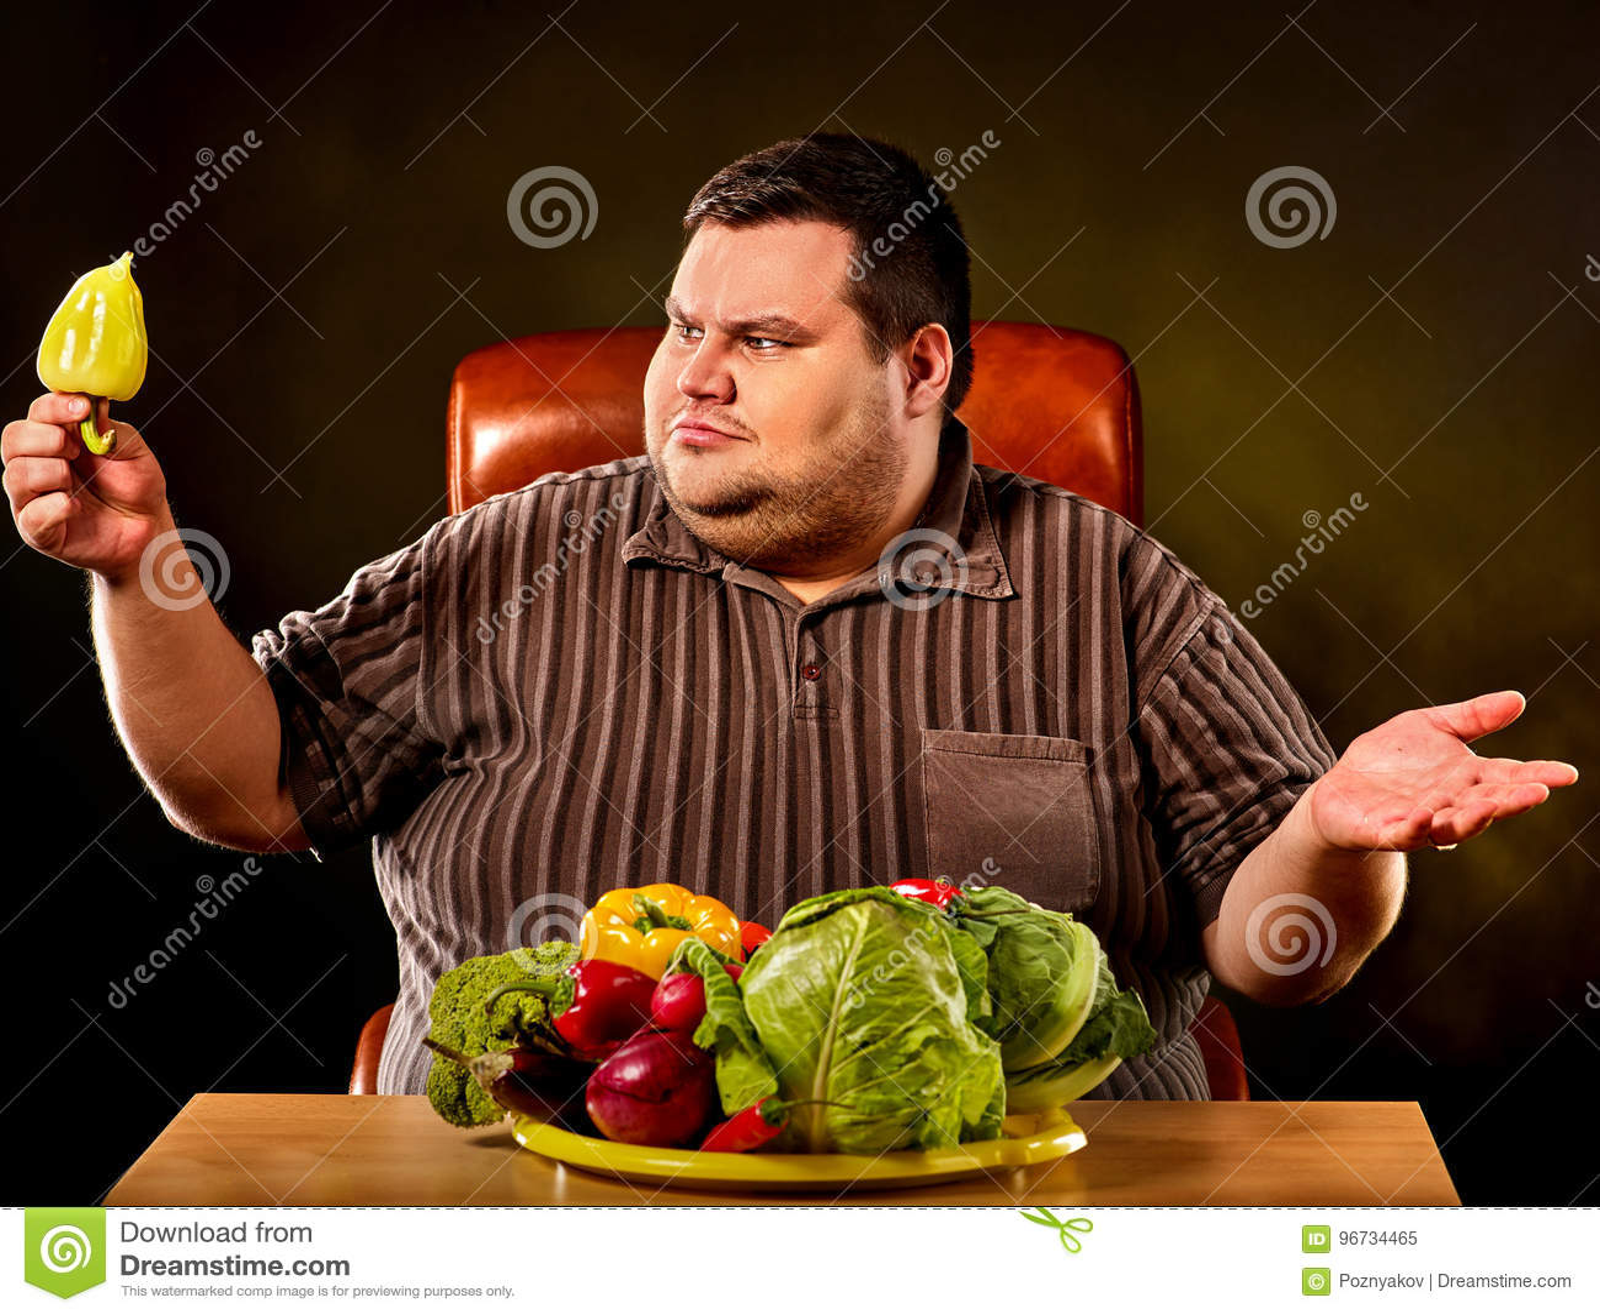 colazioni per perdere peso uomini